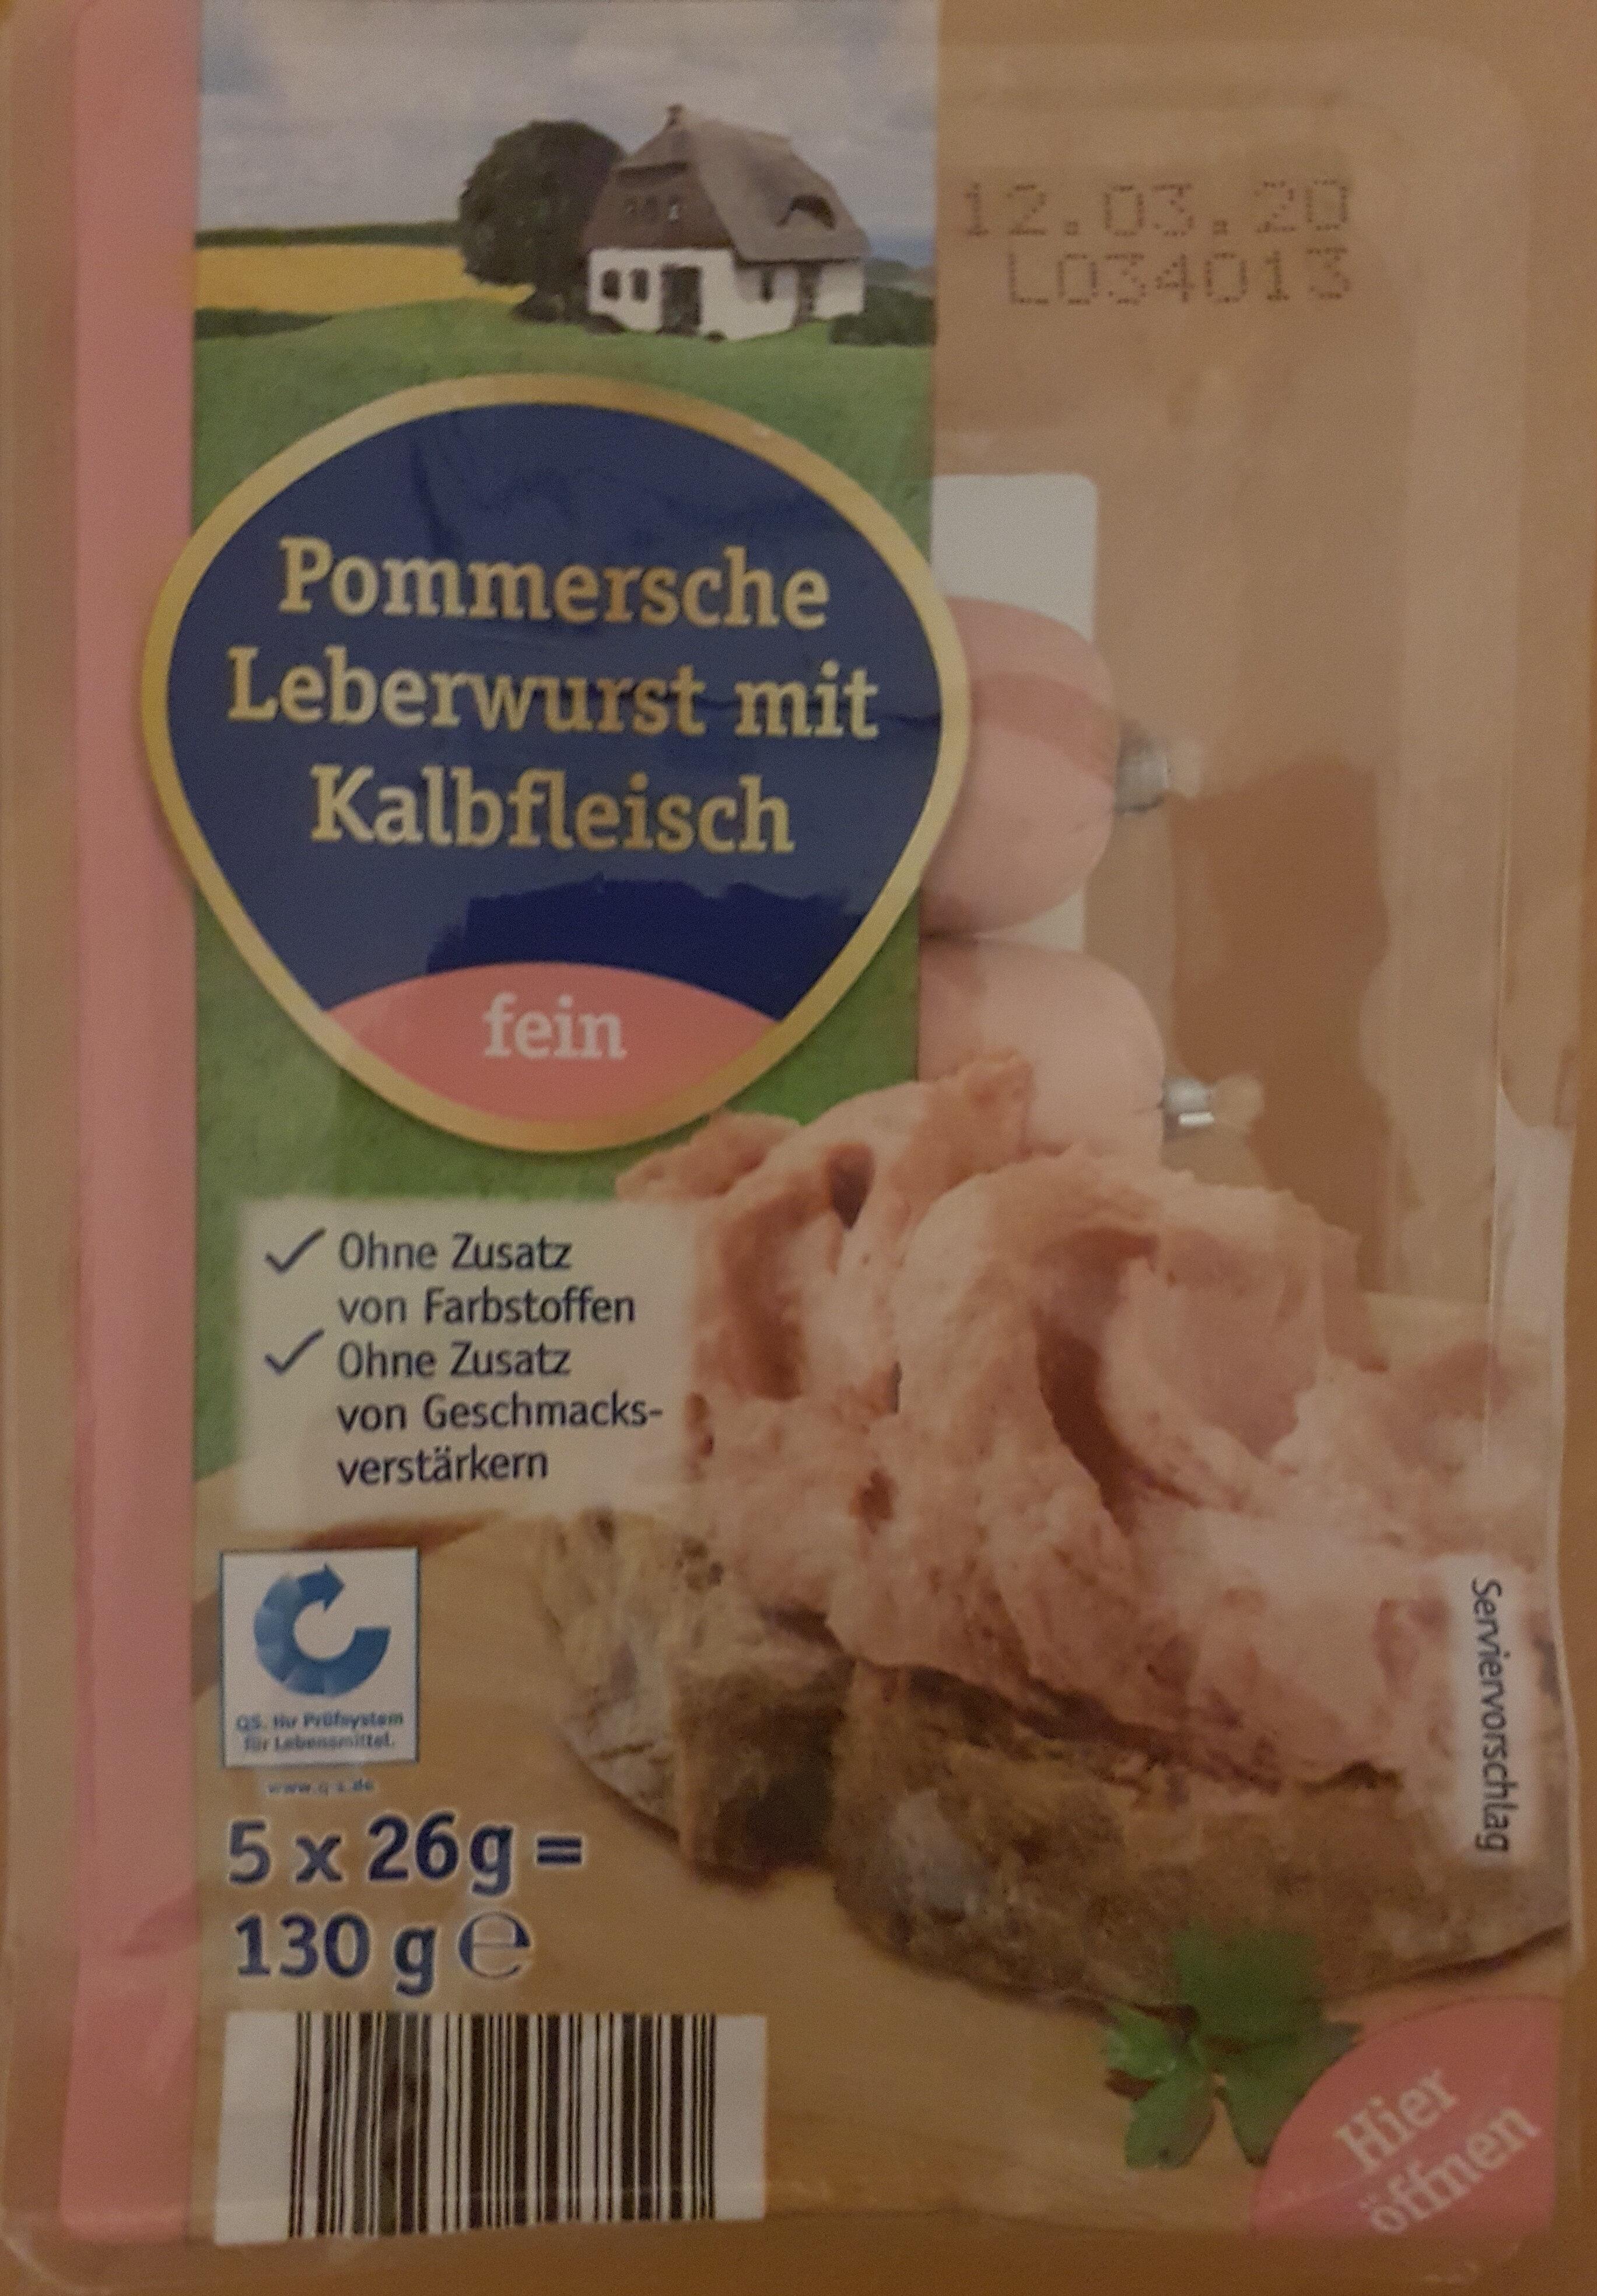 Pommersche Leberwurst mit Kalbfleisch - Product - de